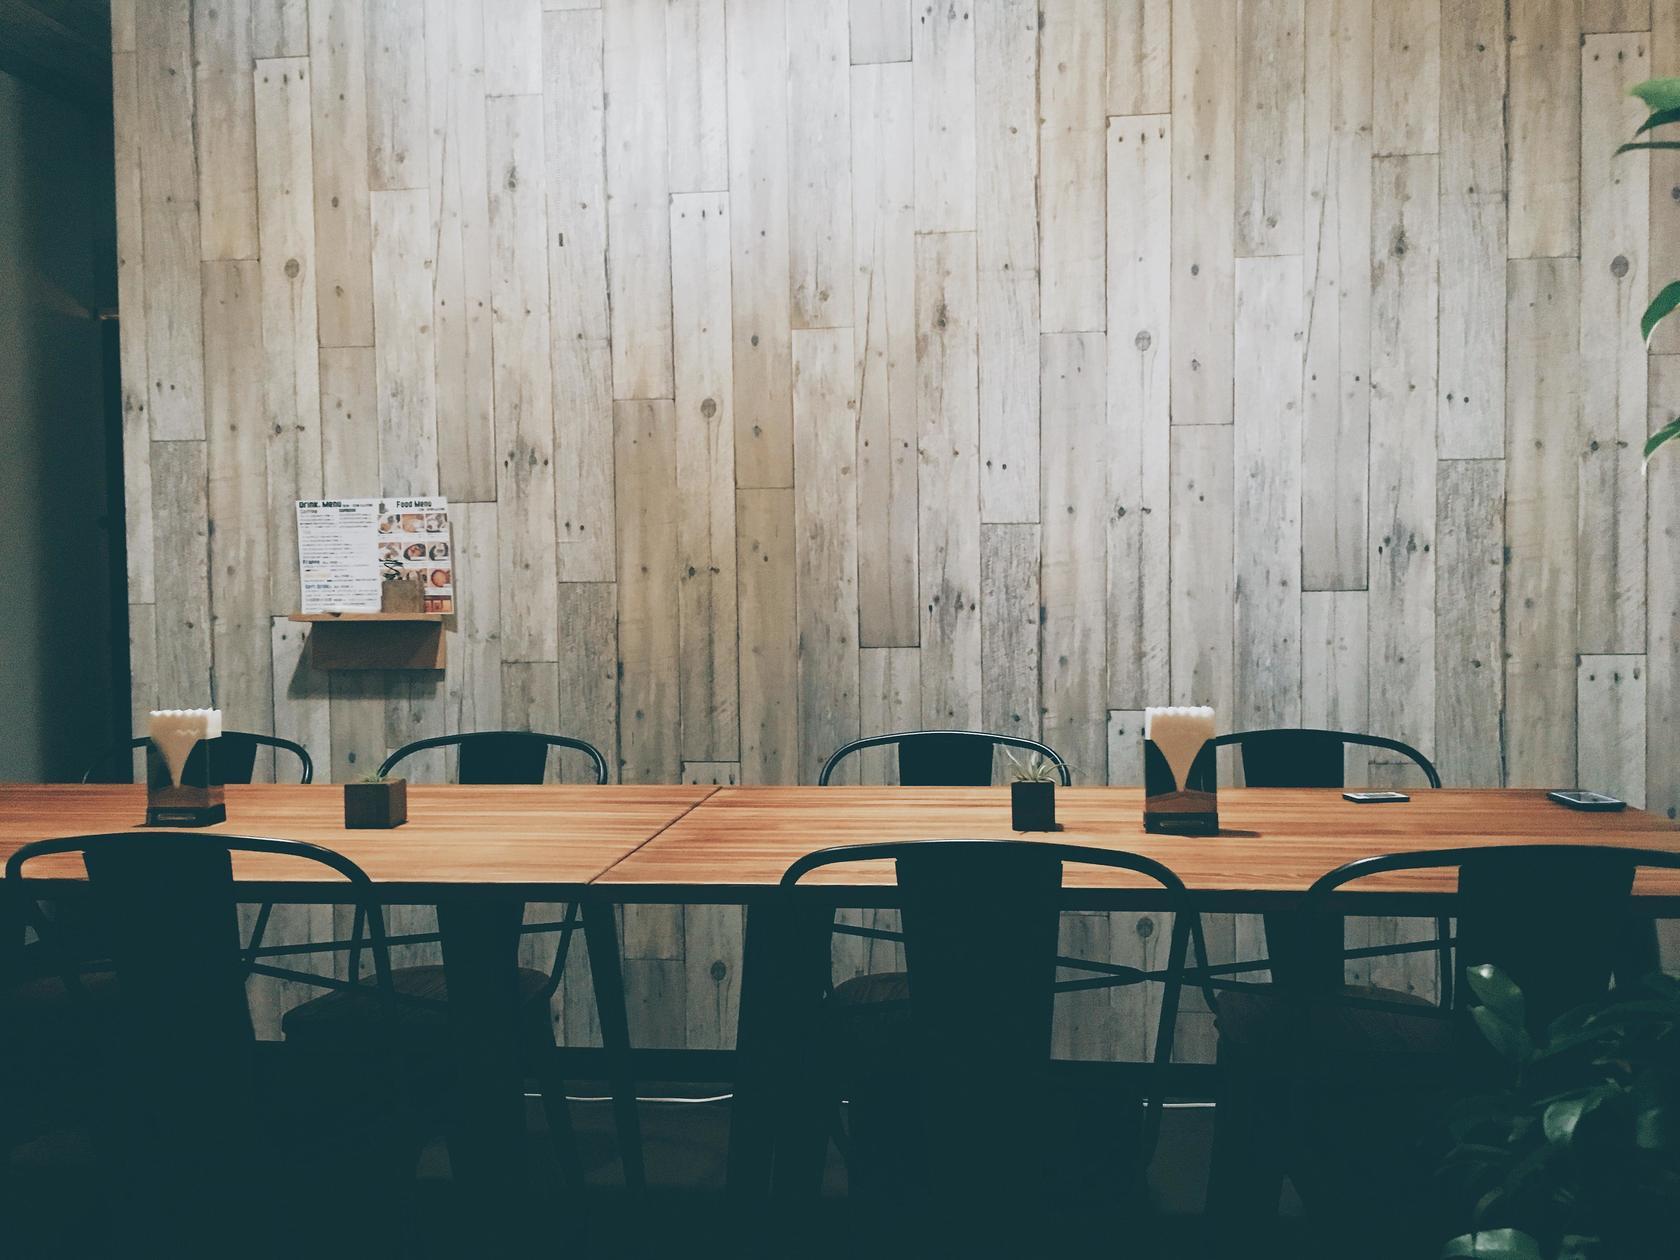 【会議やワークショップ向け】無料駐車場あり!Wifiあり!ホワイトボードあり!(那覇市首里 Cafe3-PLANT) の写真0